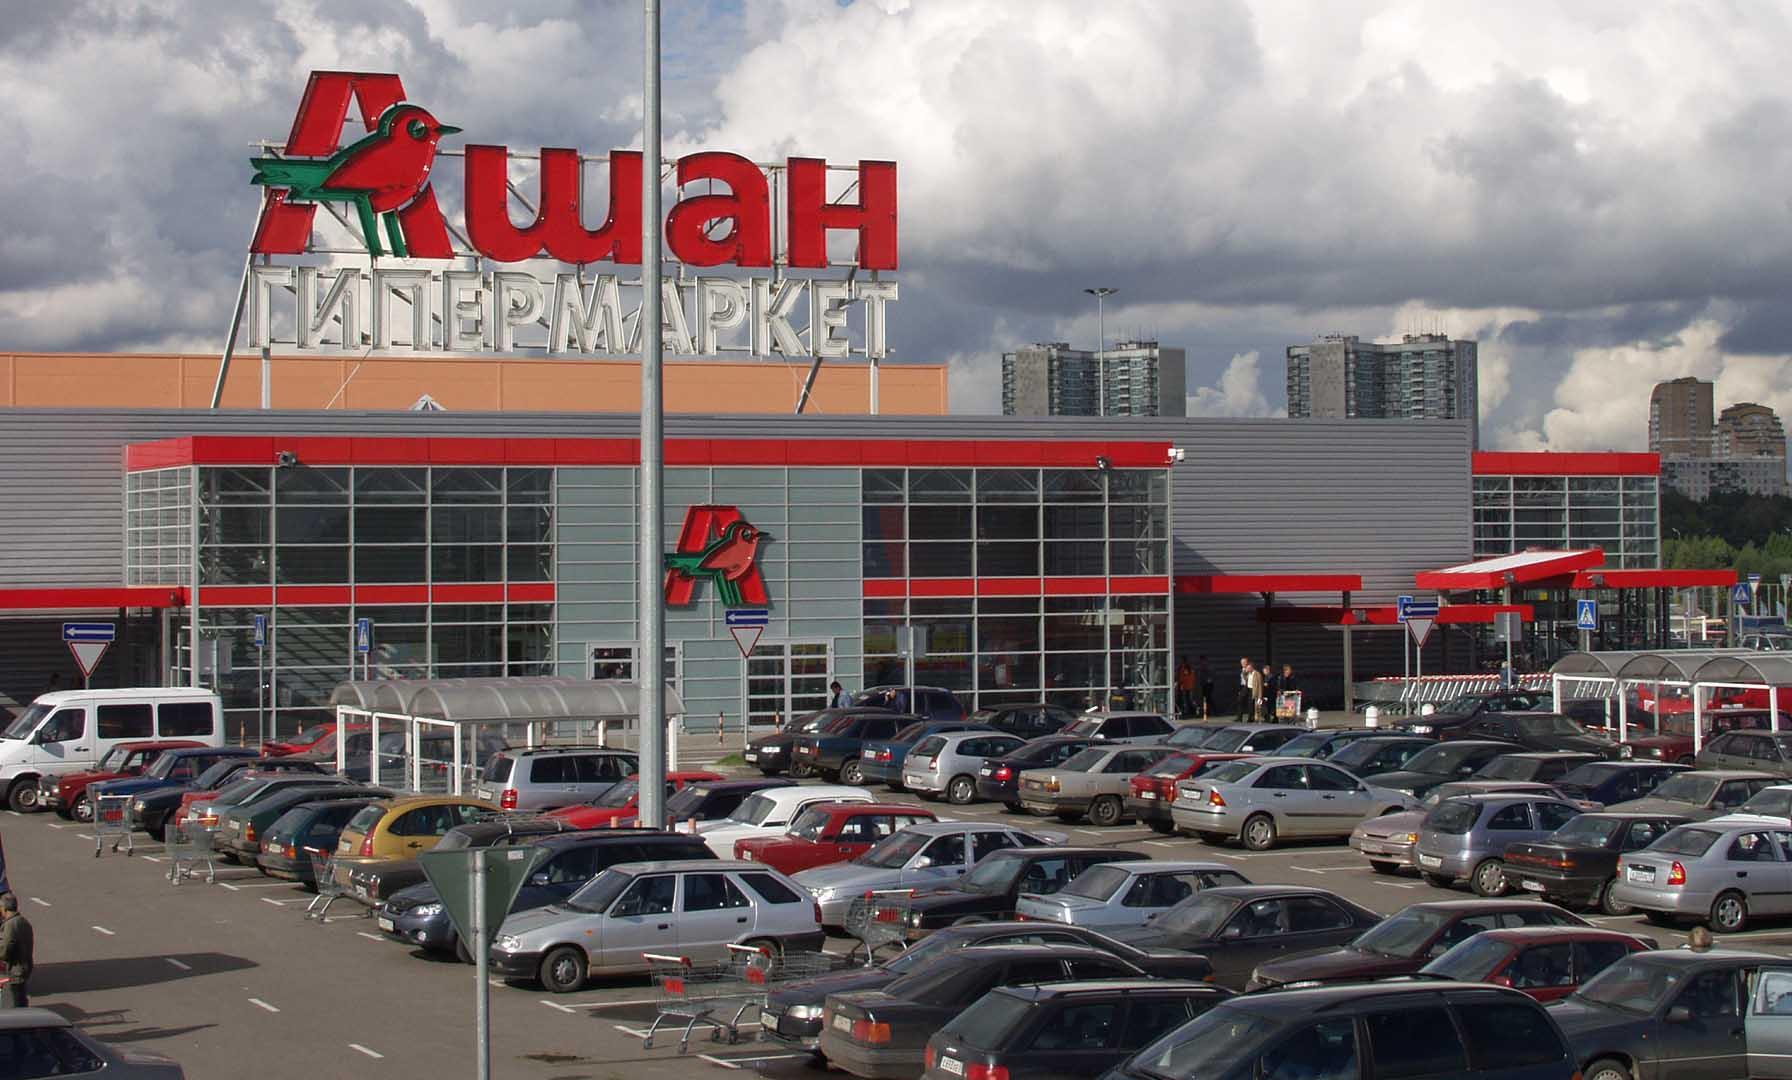 Барнаульский «Ашан» станет пятым в СФО гипермаркетом бренда.